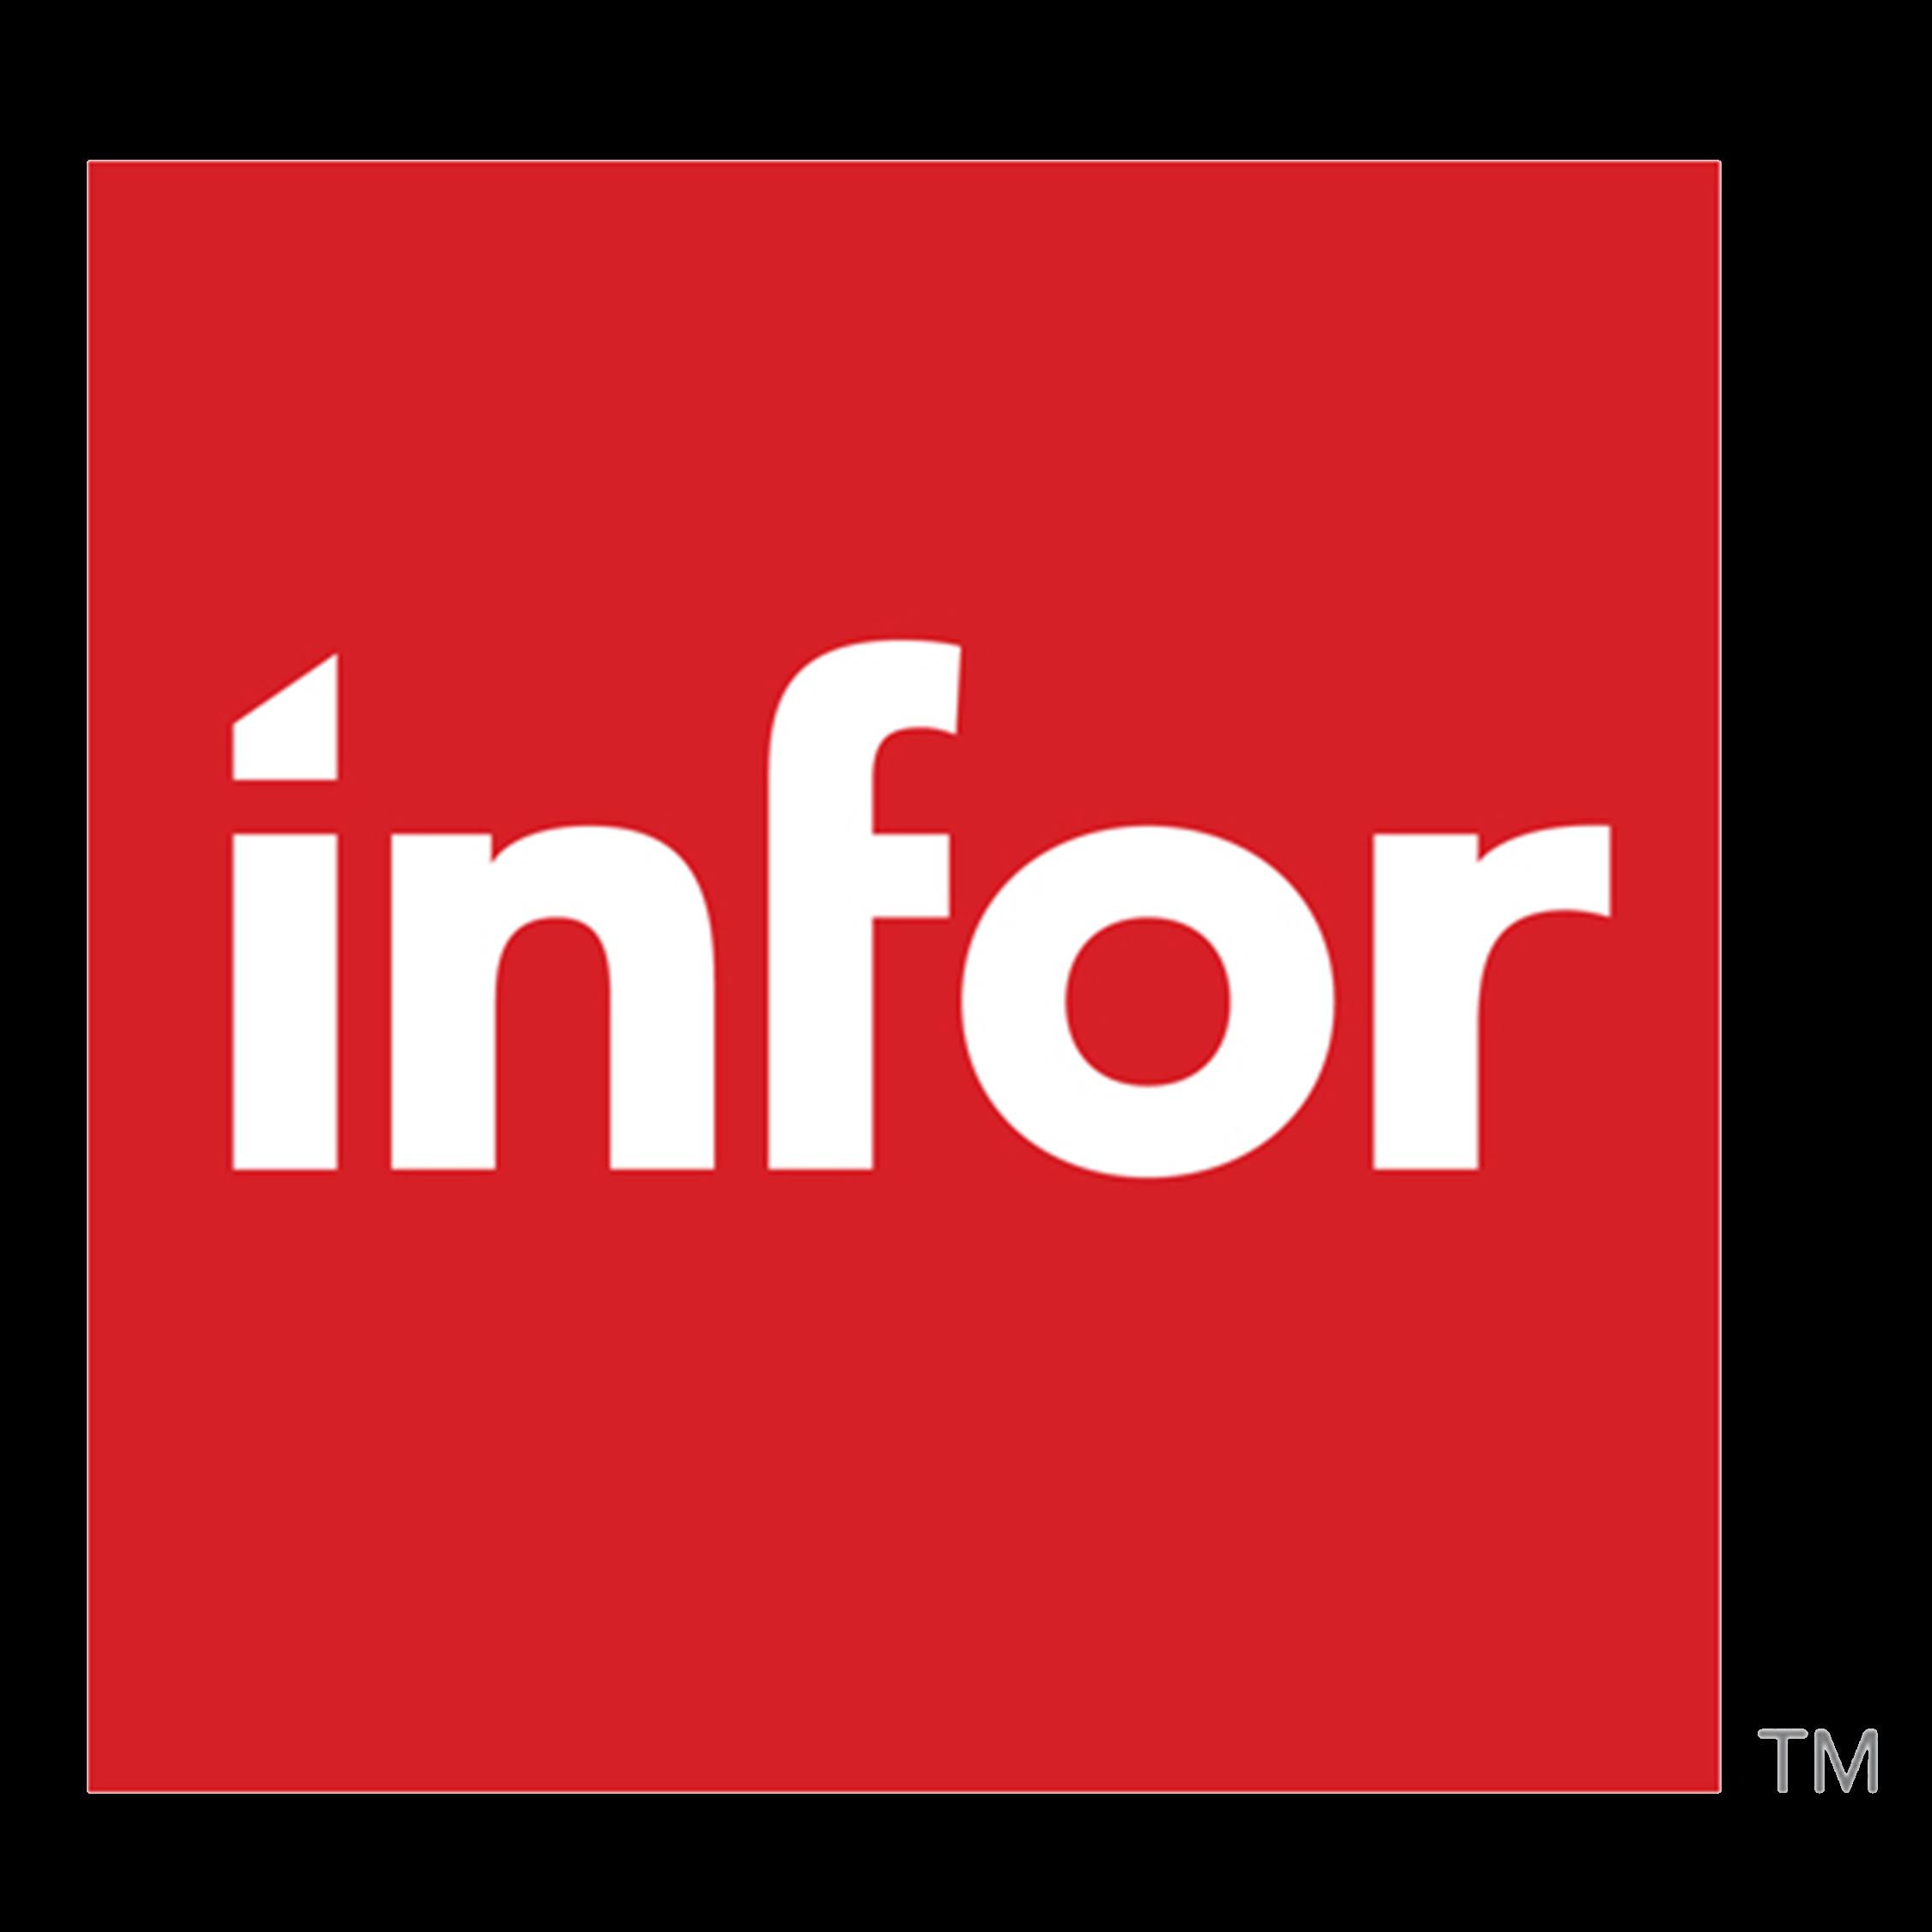 Infor Talent Management logo